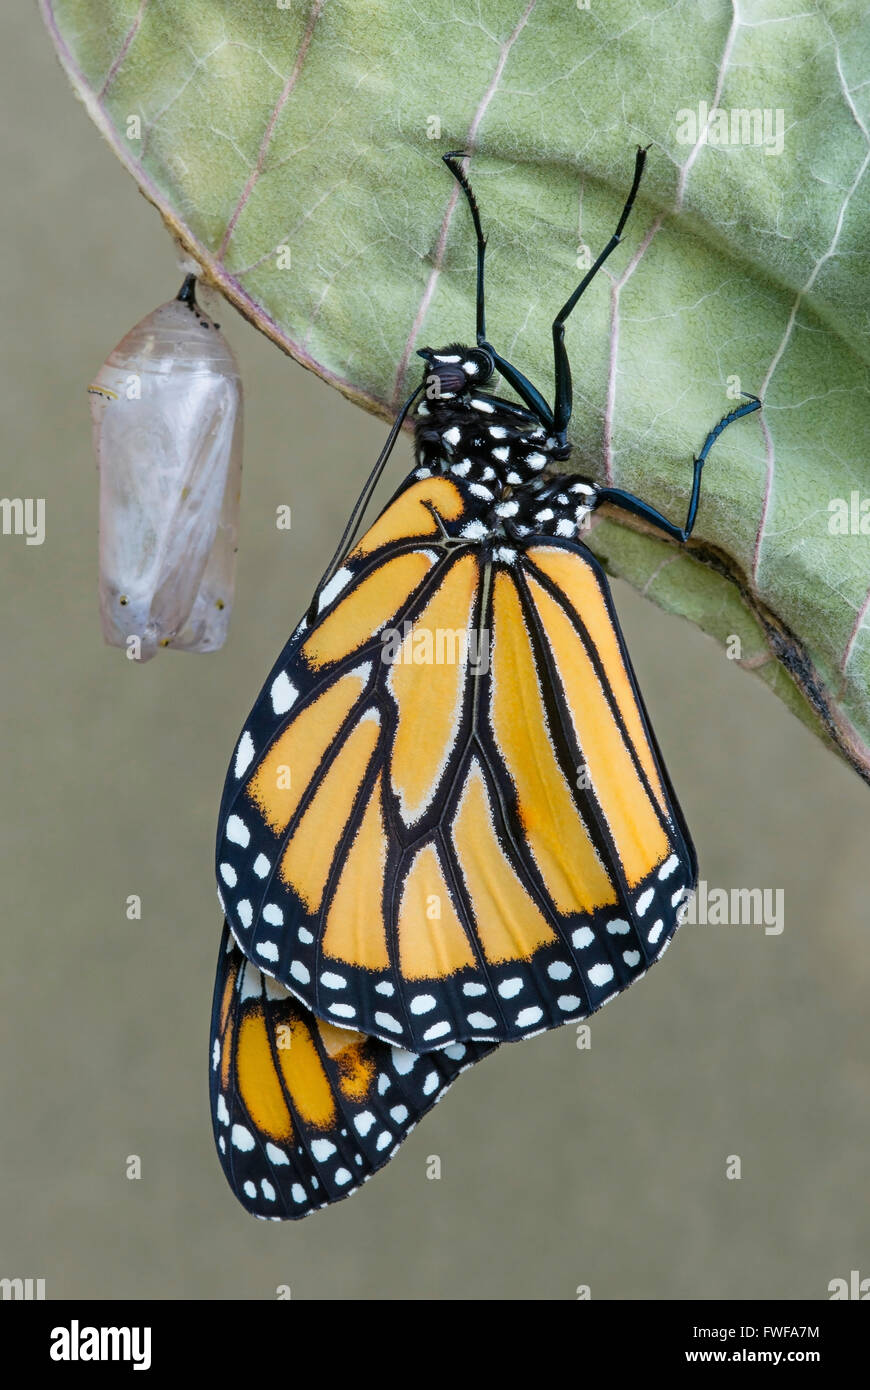 Mariposa monarca Danaus plexippus adulto saliendo de la crisálida y secado de este de los EE.UU. Foto de stock